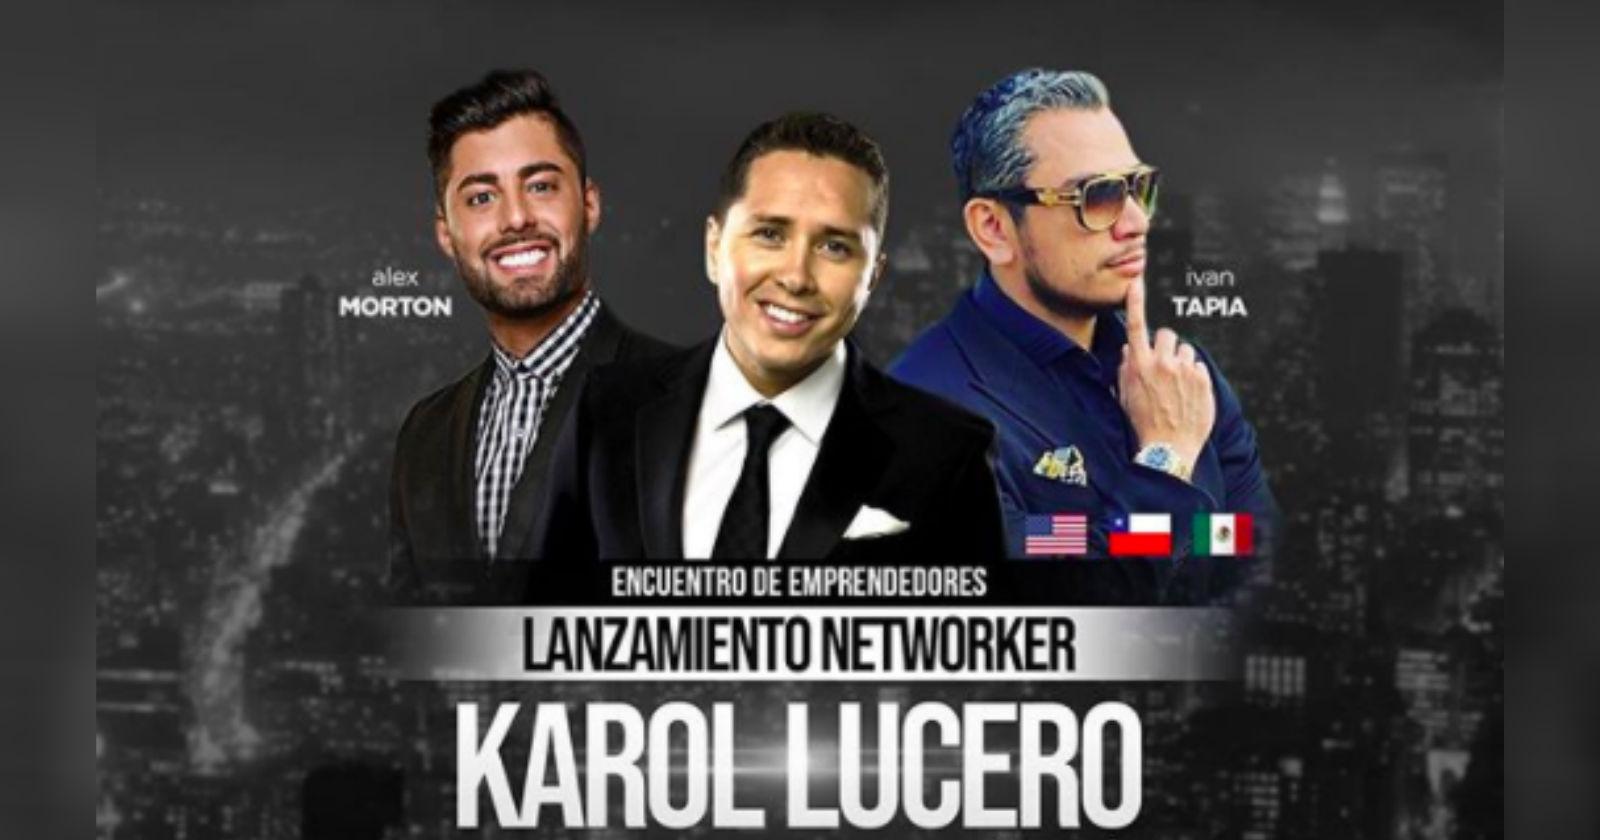 Karol Lucero es acusado de participar en estafa piramidal con nuevo emprendimiento